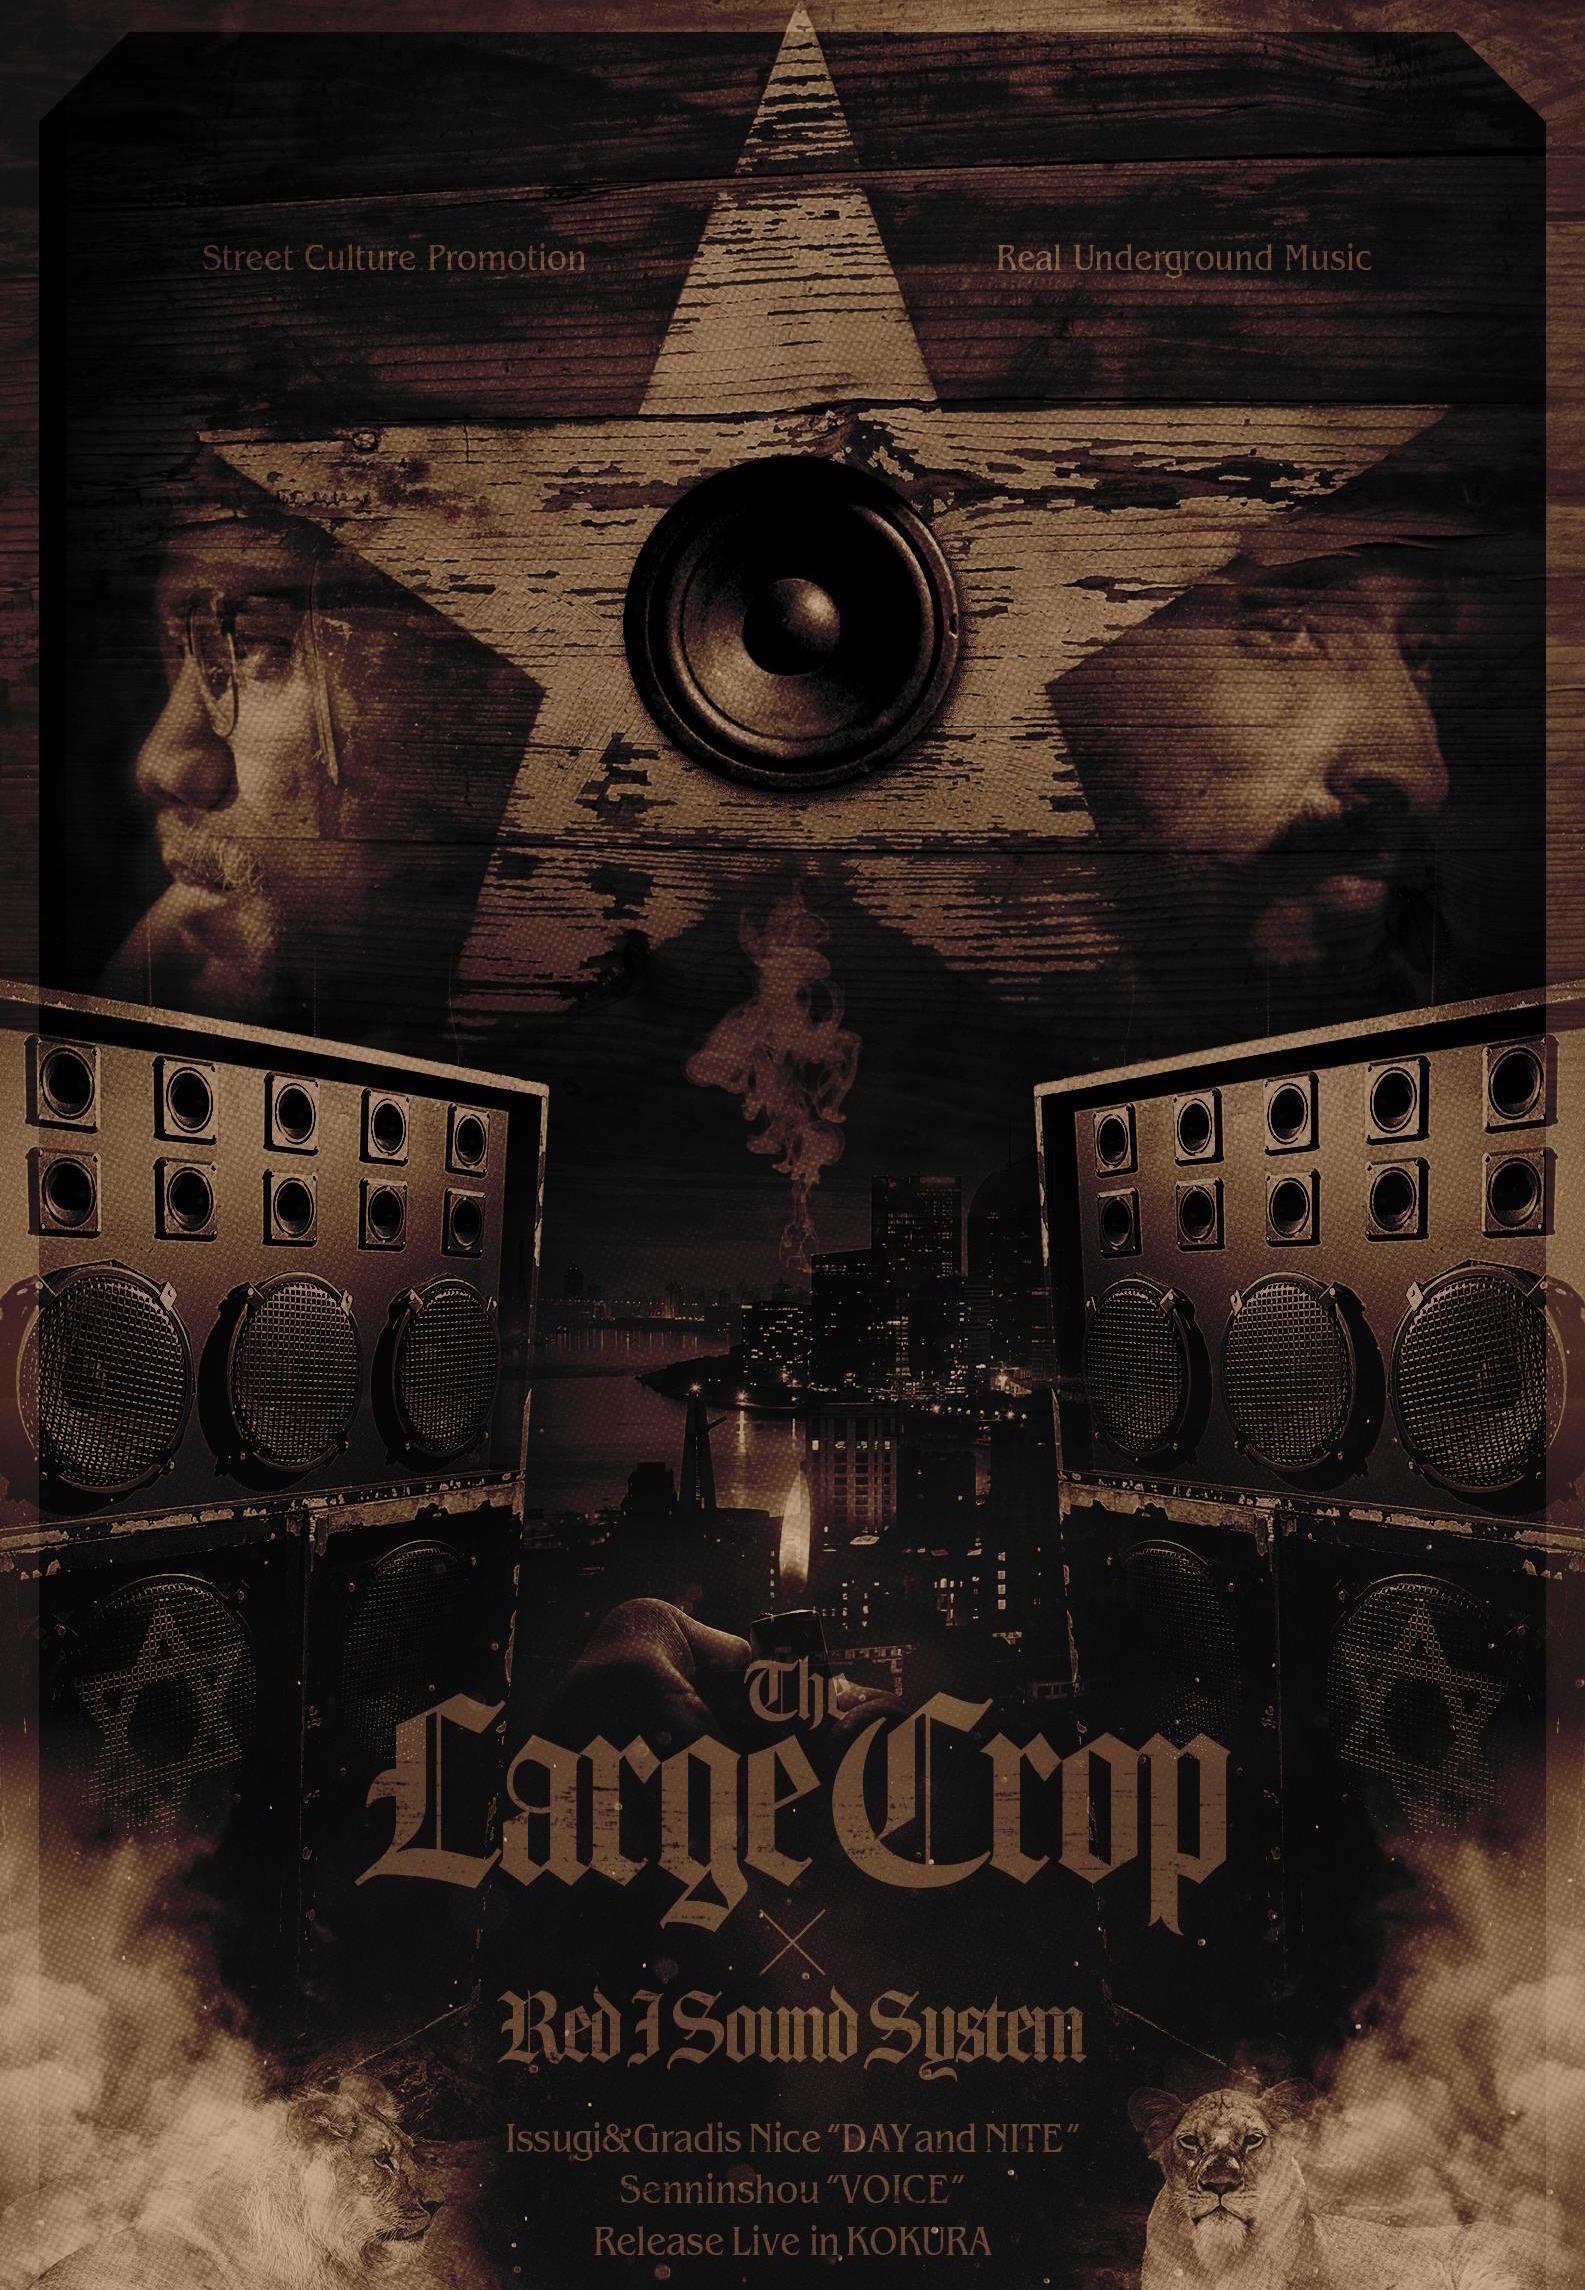 LargeCrop.Flyercopy